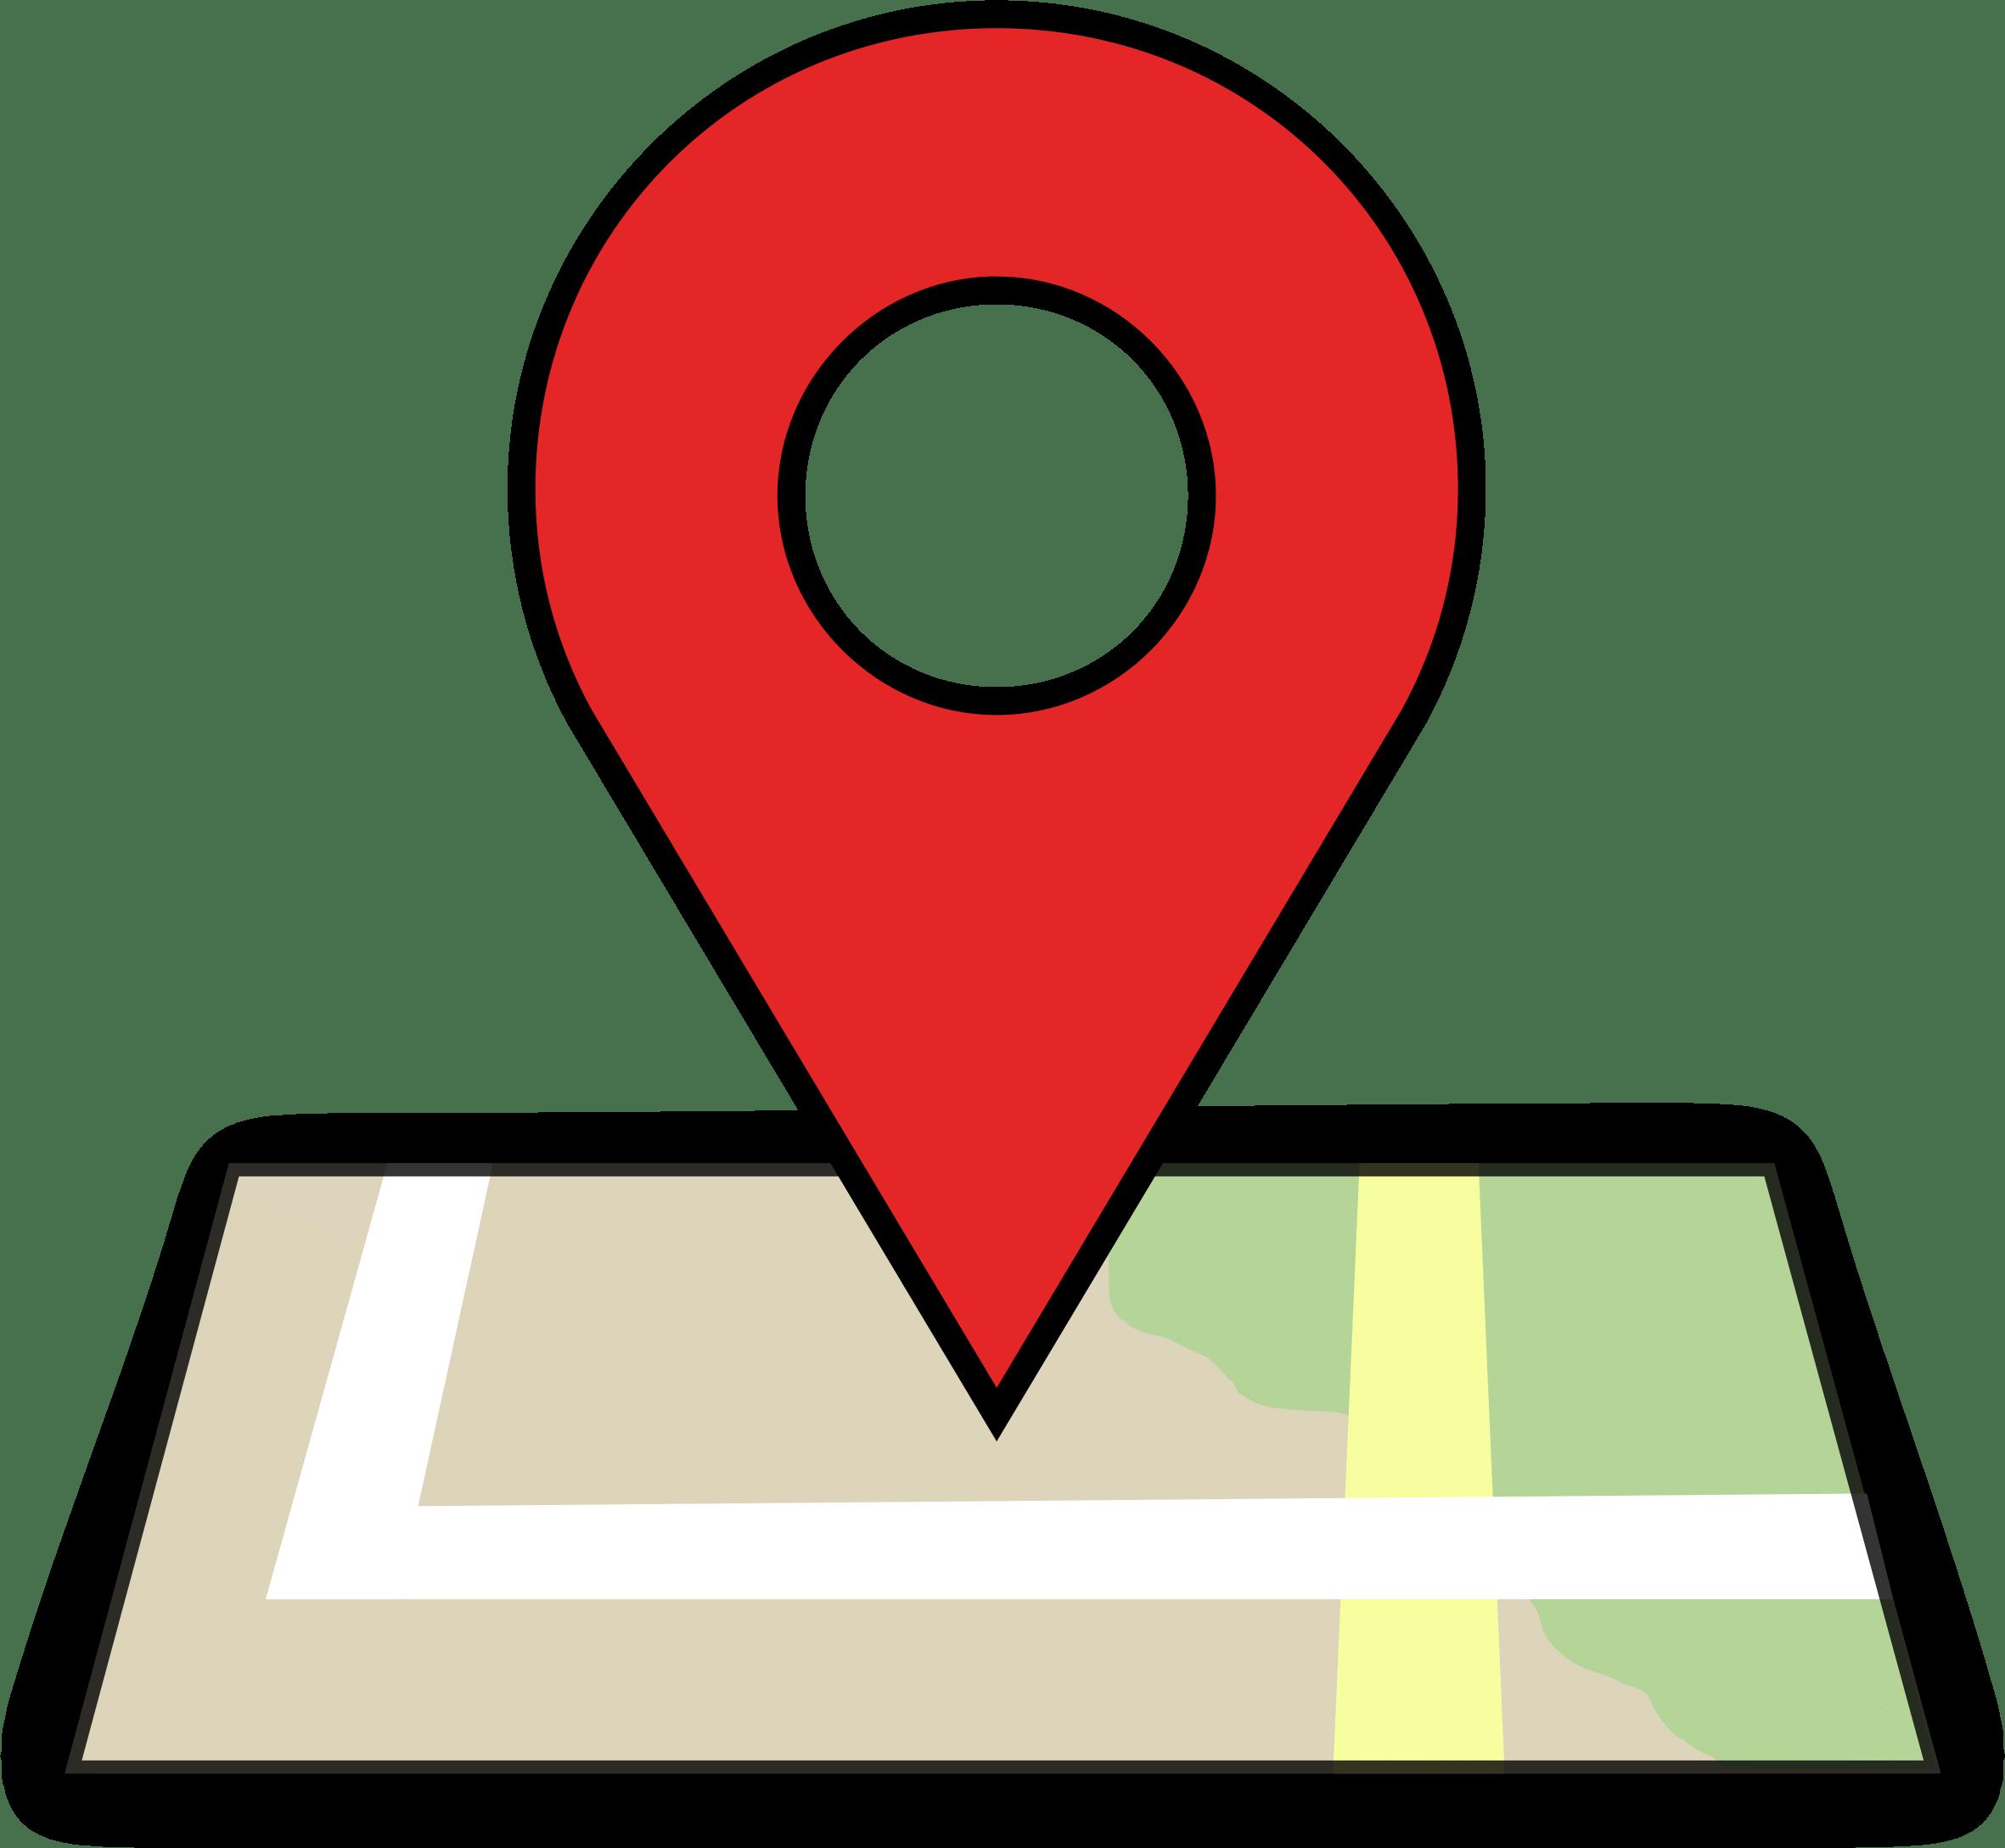 Address clipart png Address clipart png 3 » Clipart Portal png